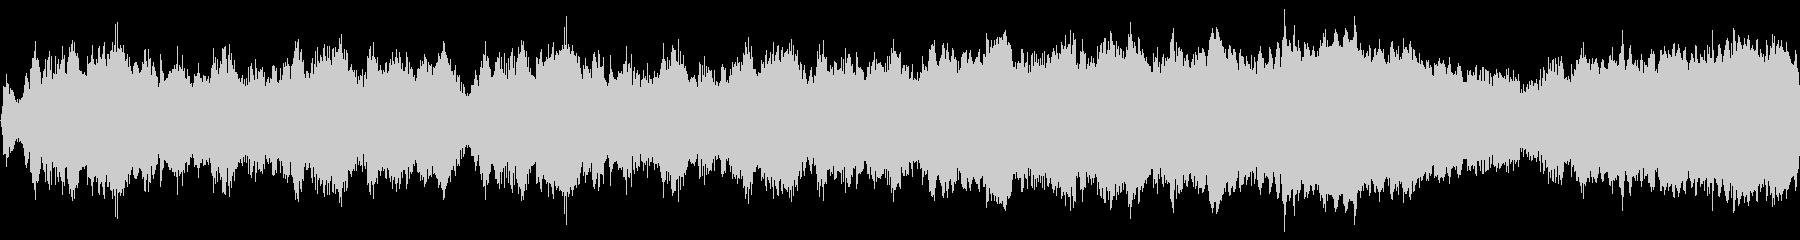 荒廃した村のストリングスBGM ロング版の未再生の波形